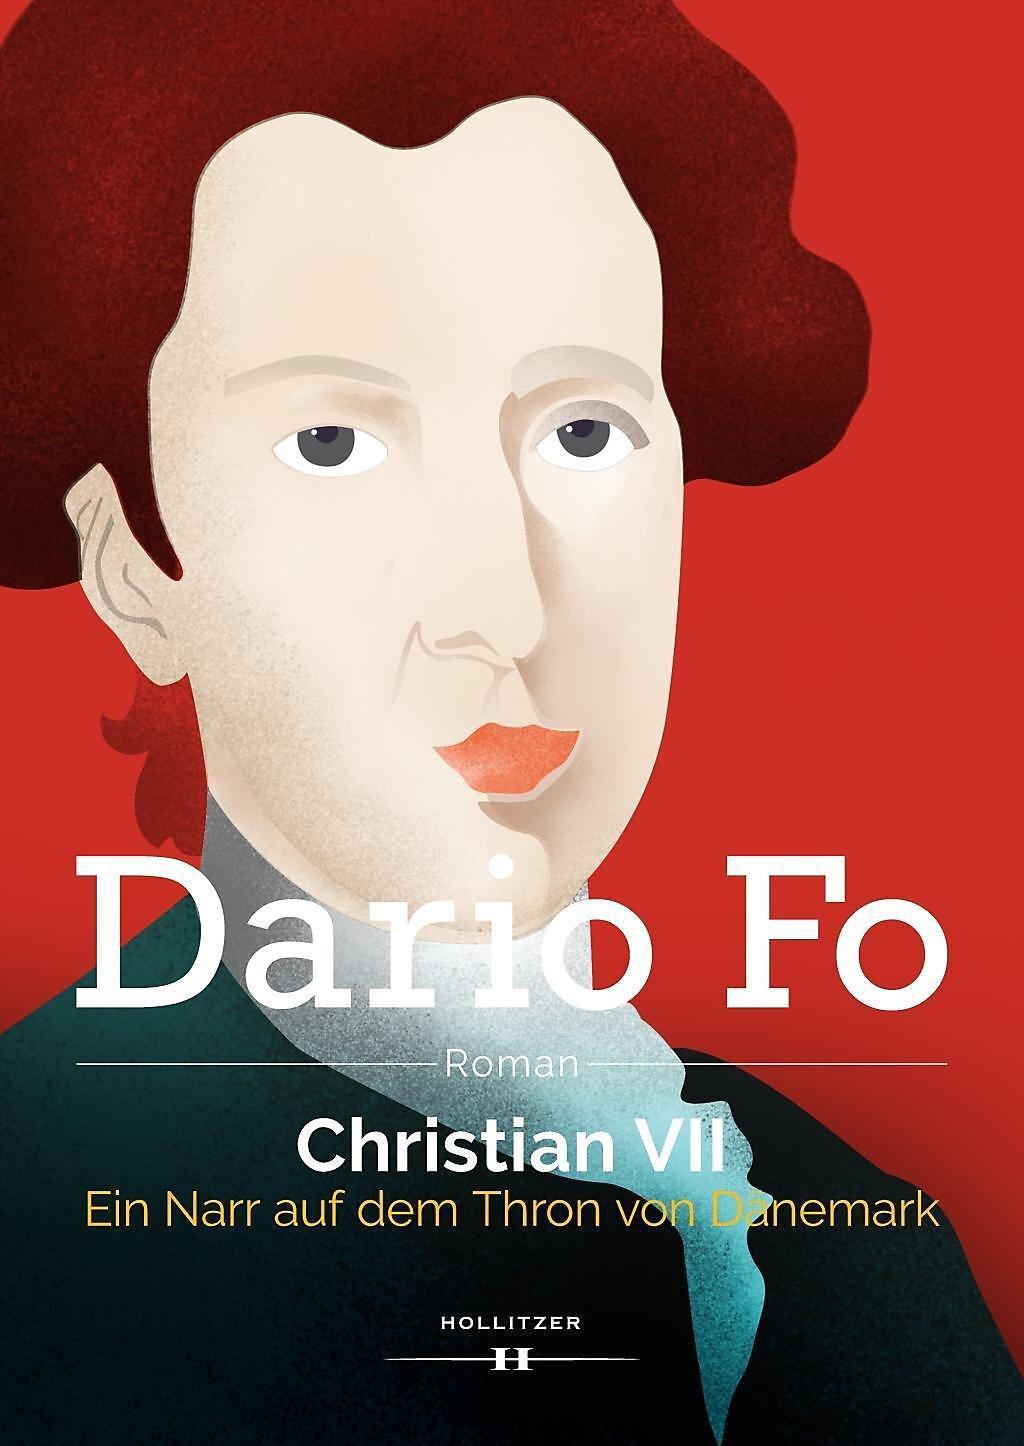 Christian VII.: Ein Narr auf dem Thron von Dänemark, Dario Fo, HOLLITZER Verlag, 23 Euro,  Amazon-Link *